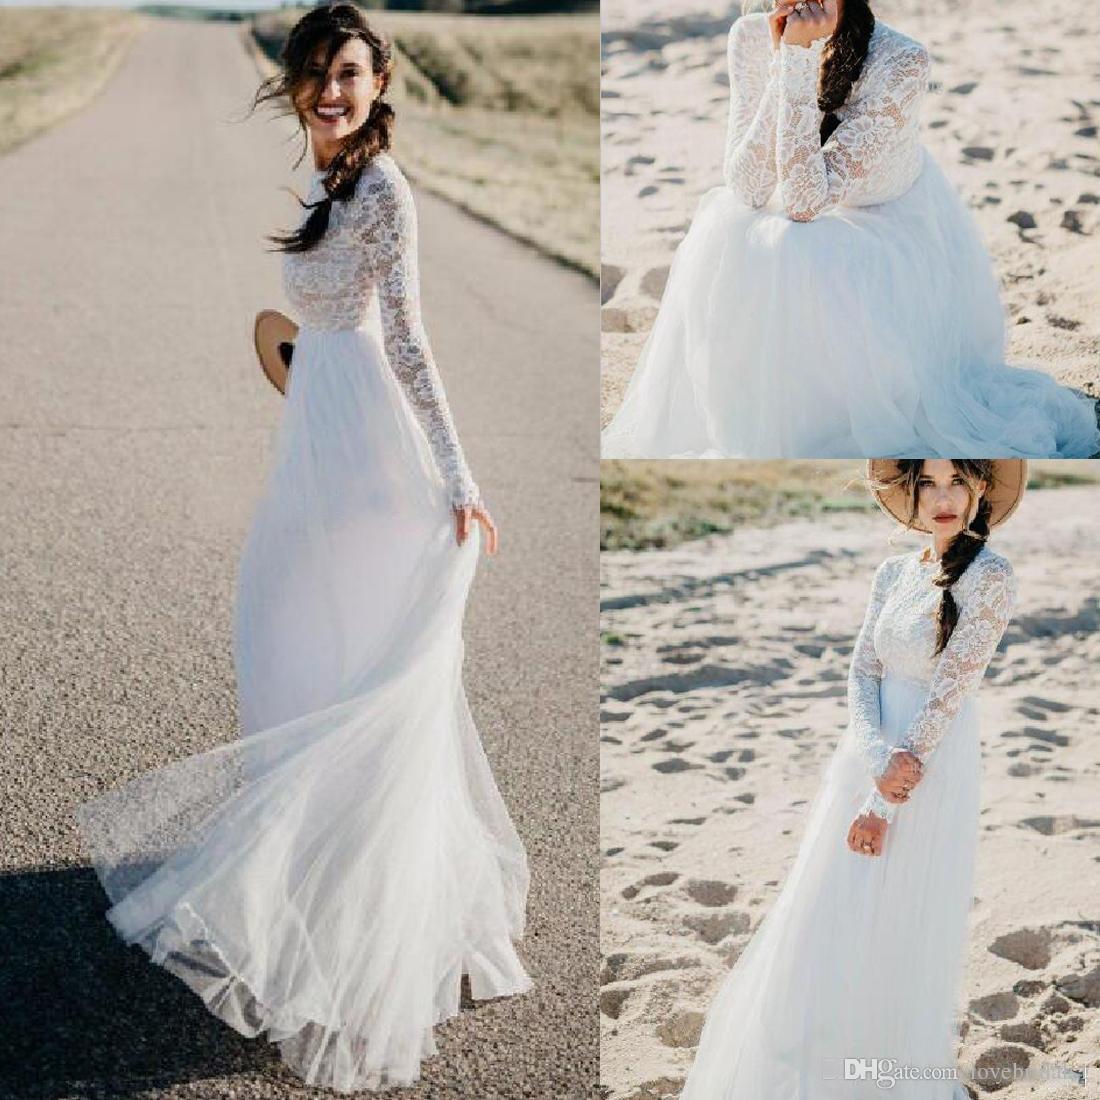 official photos 43297 40aa2 Einfache 2019 langen Ärmeln Strand Brautkleider Spitze Tüll bodenlangen  Land Boho Reich Taille Hochzeit Brautkleider eine Linie